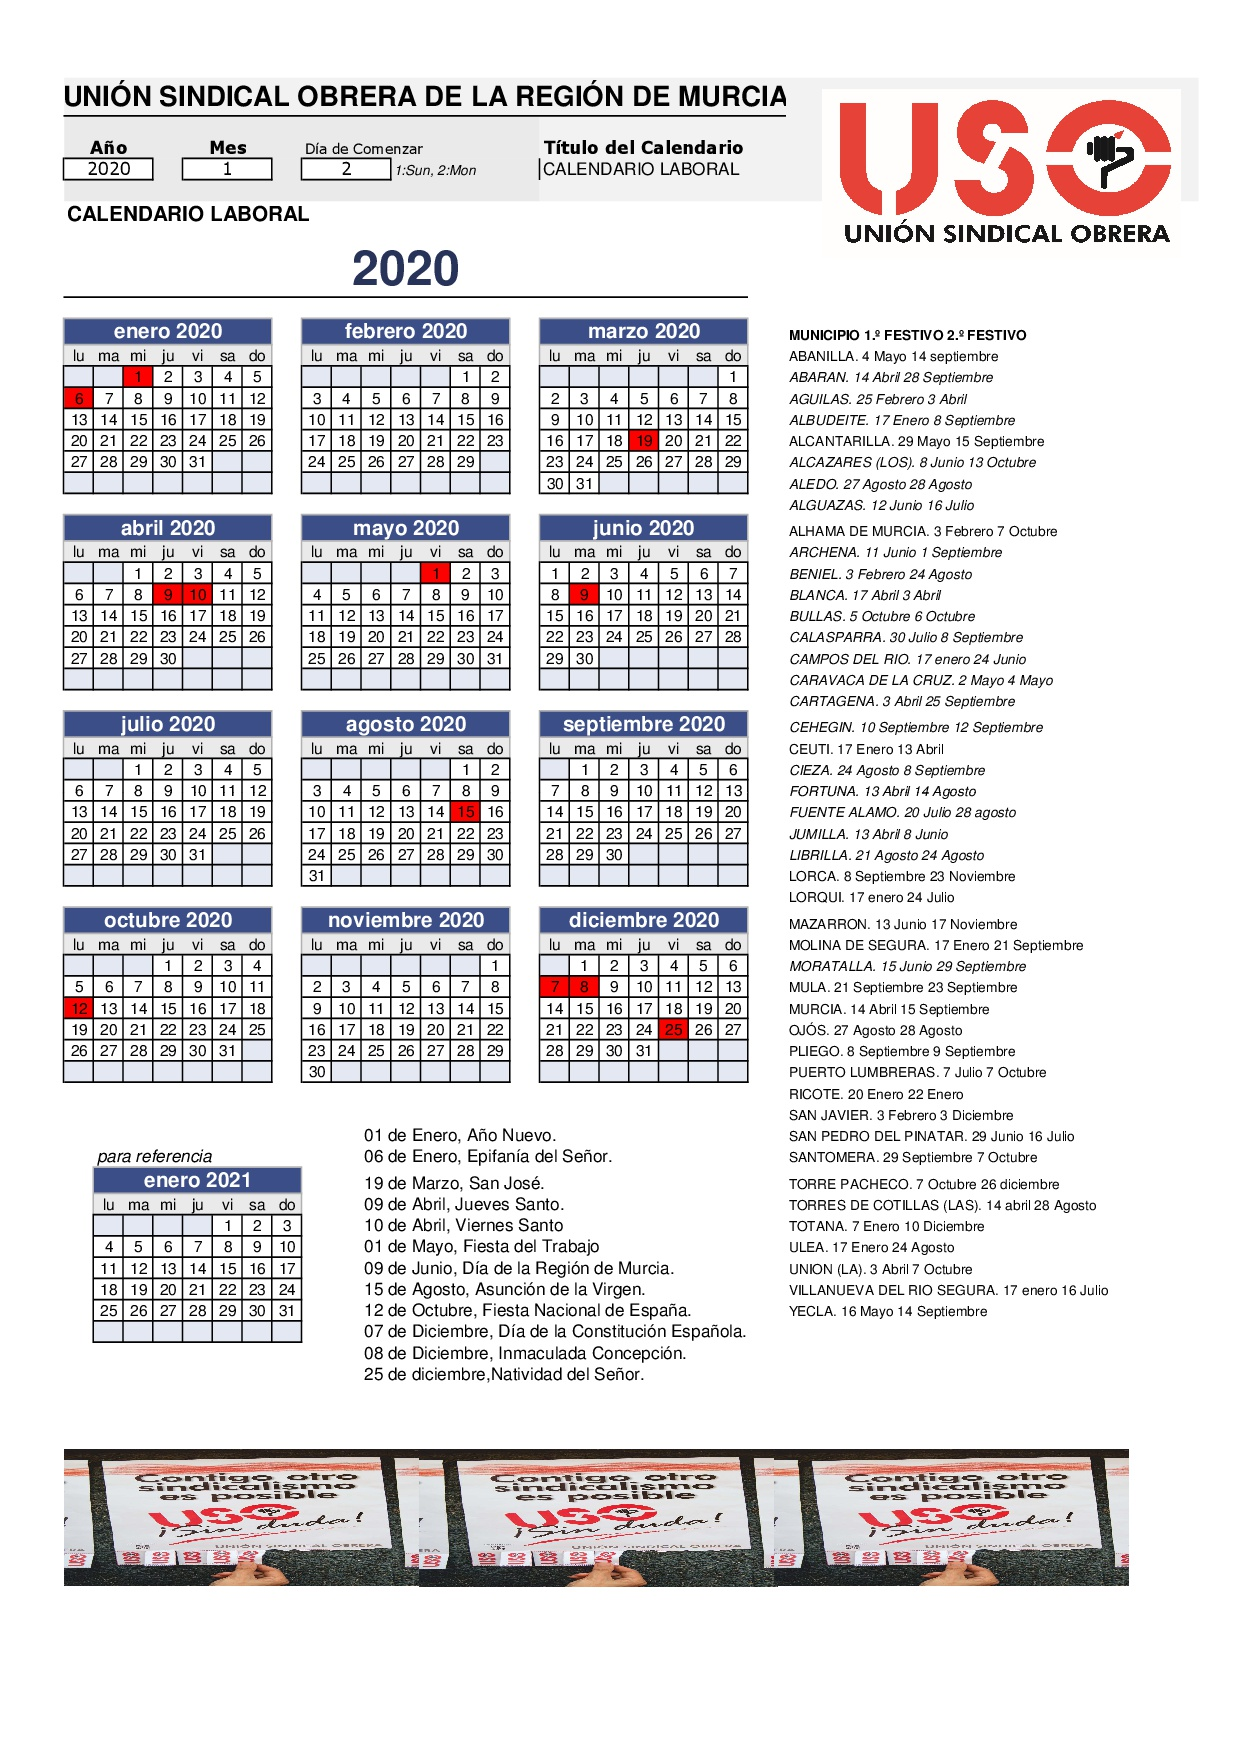 2020 Calendario Laboral.Calendario Laboral De 2020 Para Los Municipios De La Region